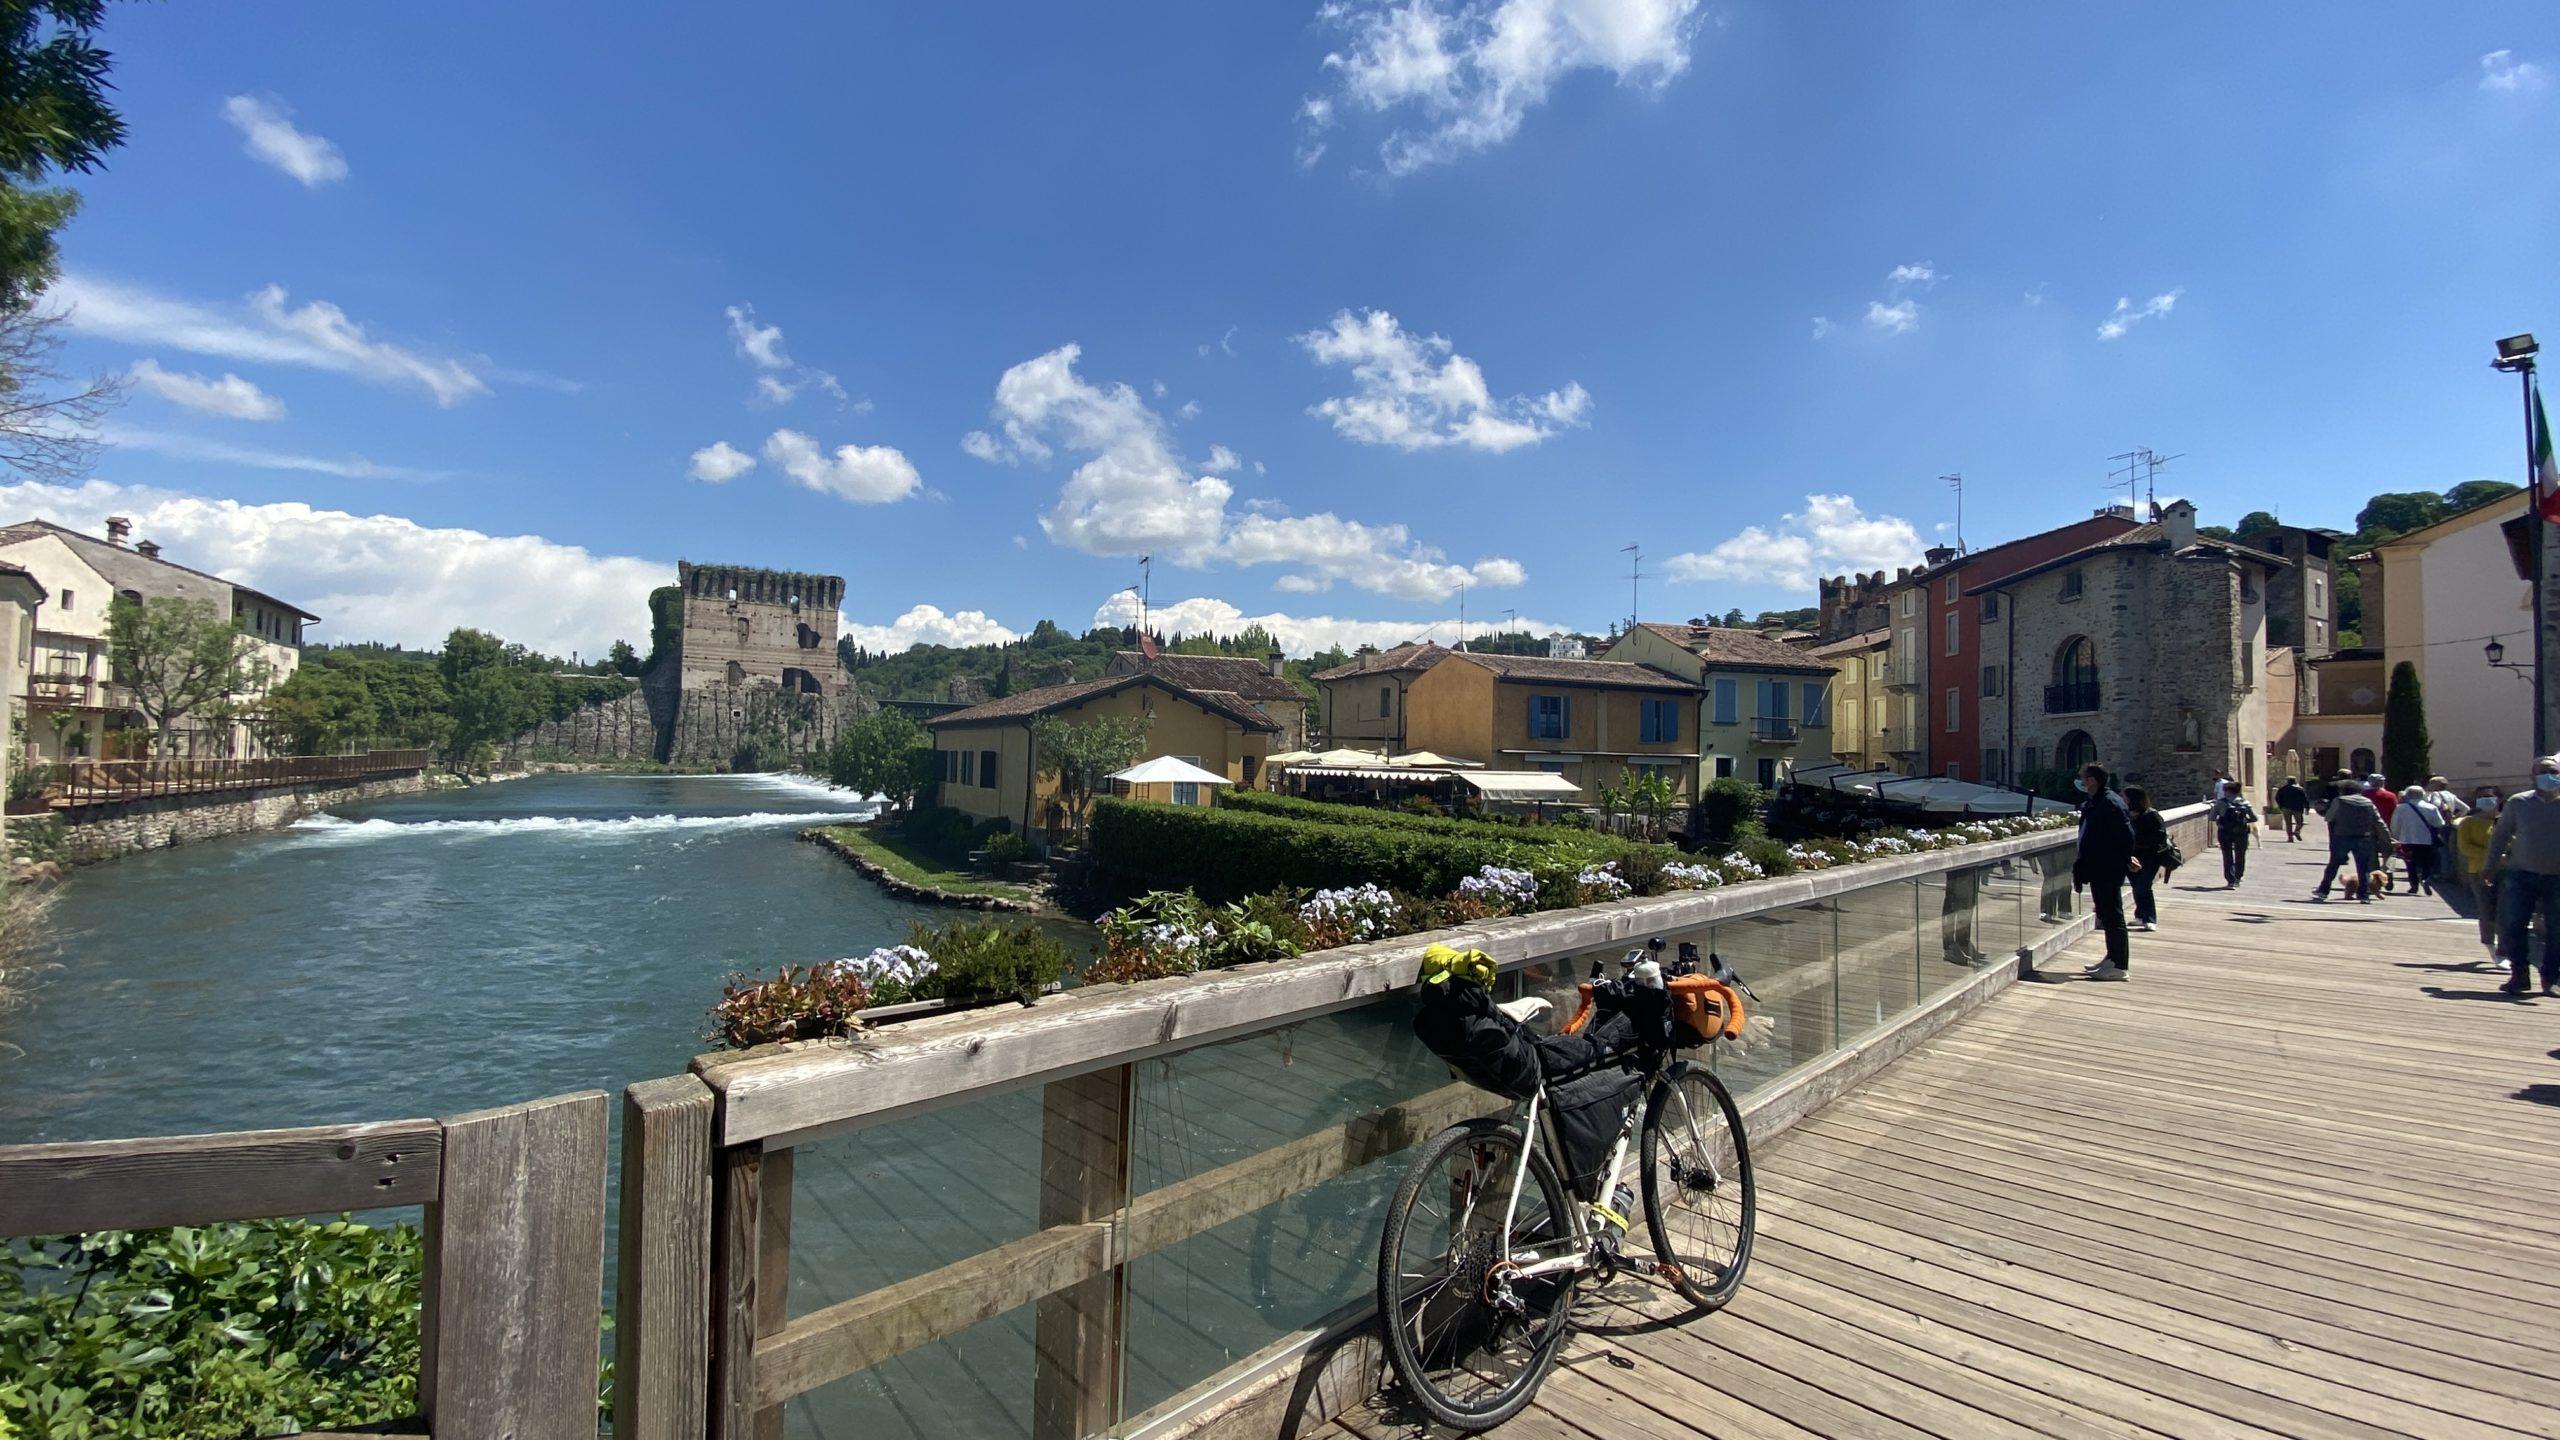 la lunga via dei fiumi, viaggiatore lento, viaggiare in bici, verona in bicicletta, ciclabile dell'adige, ciclovia del sole, eurovelo 7, lago di garda in bici, viaggiare in bicicletta, vacanze in bicicletta, bikepacking, ciclabile del Mincio, trentino in bici, il veneto, Peschiera Mantova in bici.